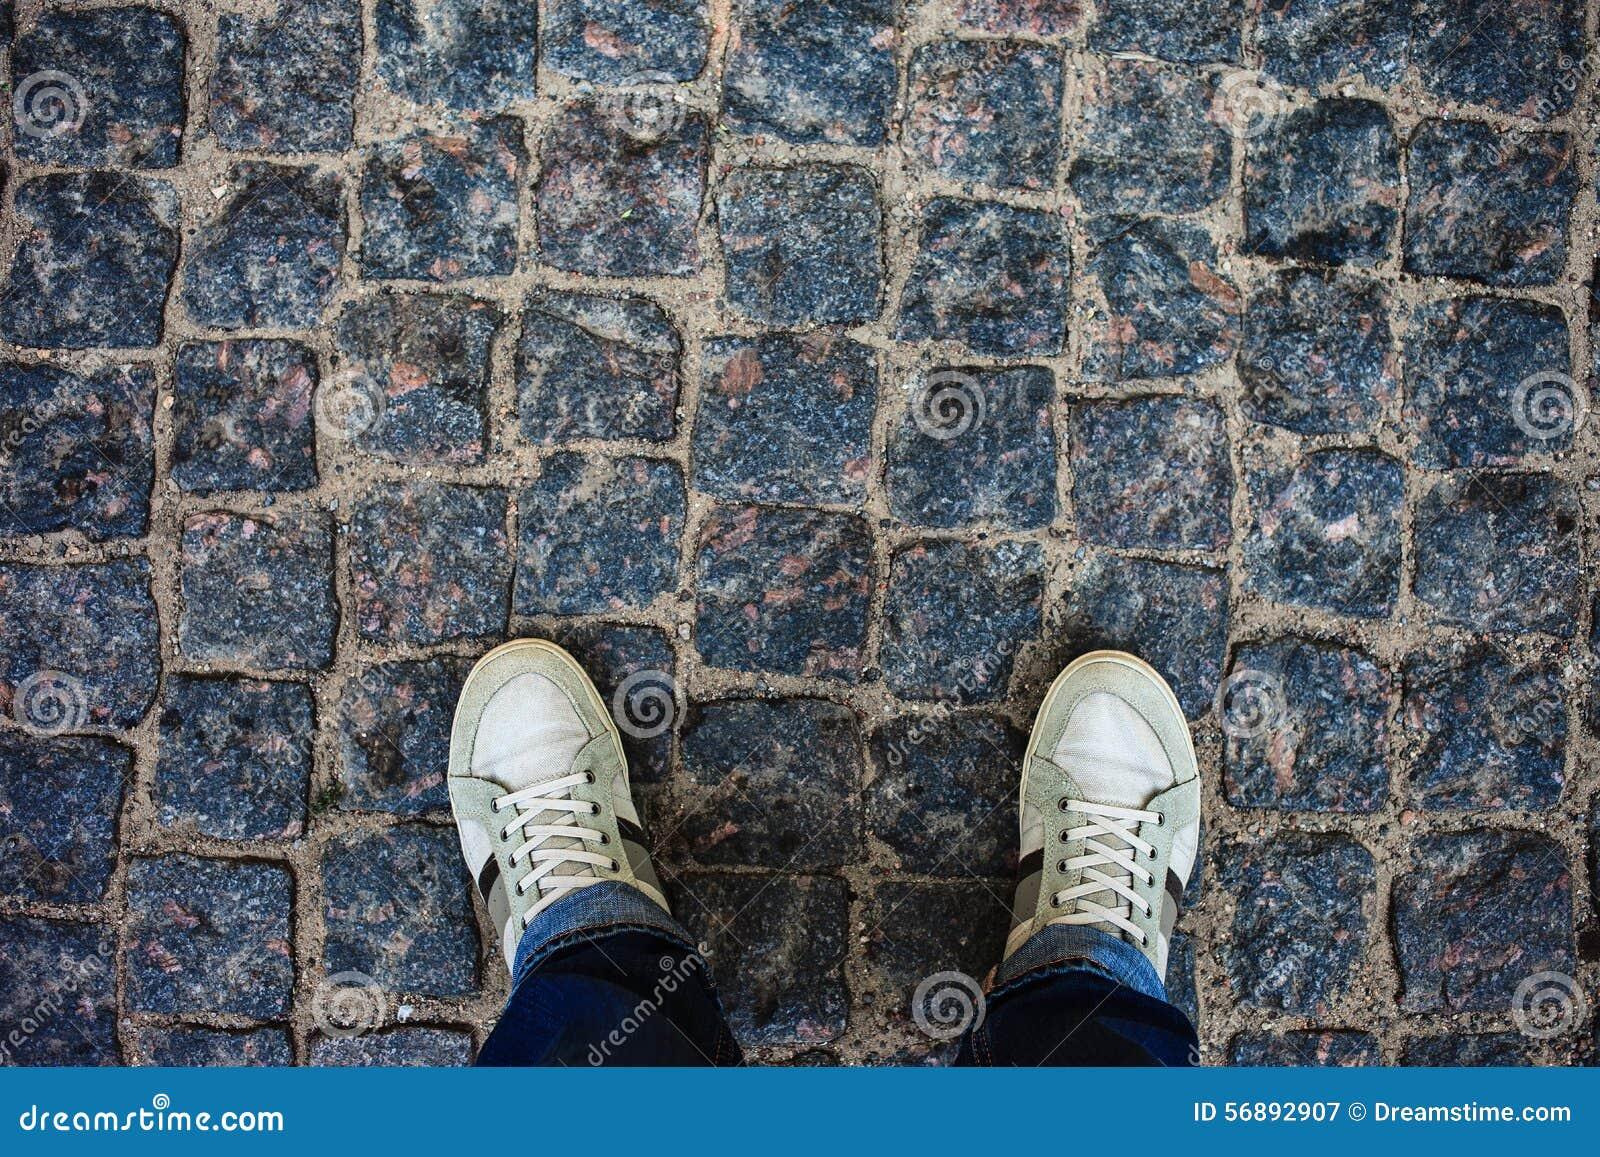 Persona adolescente in scarpe da tennis che stanno sulle pietre per lastricati